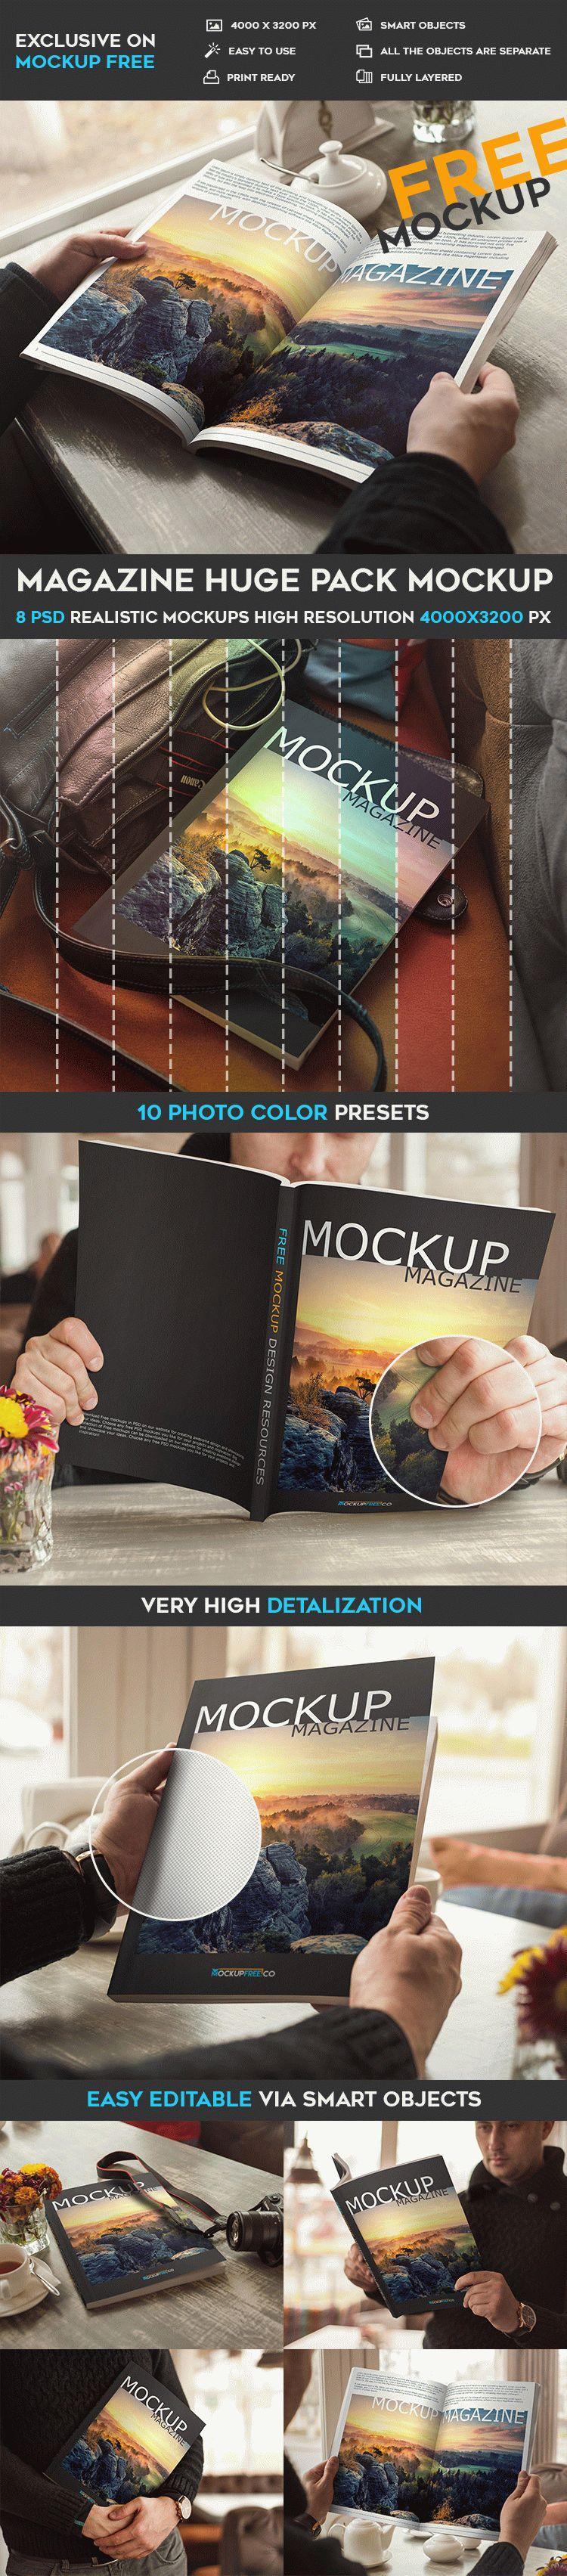 Magazine Huge Pack – 8 Free PSD Mockups